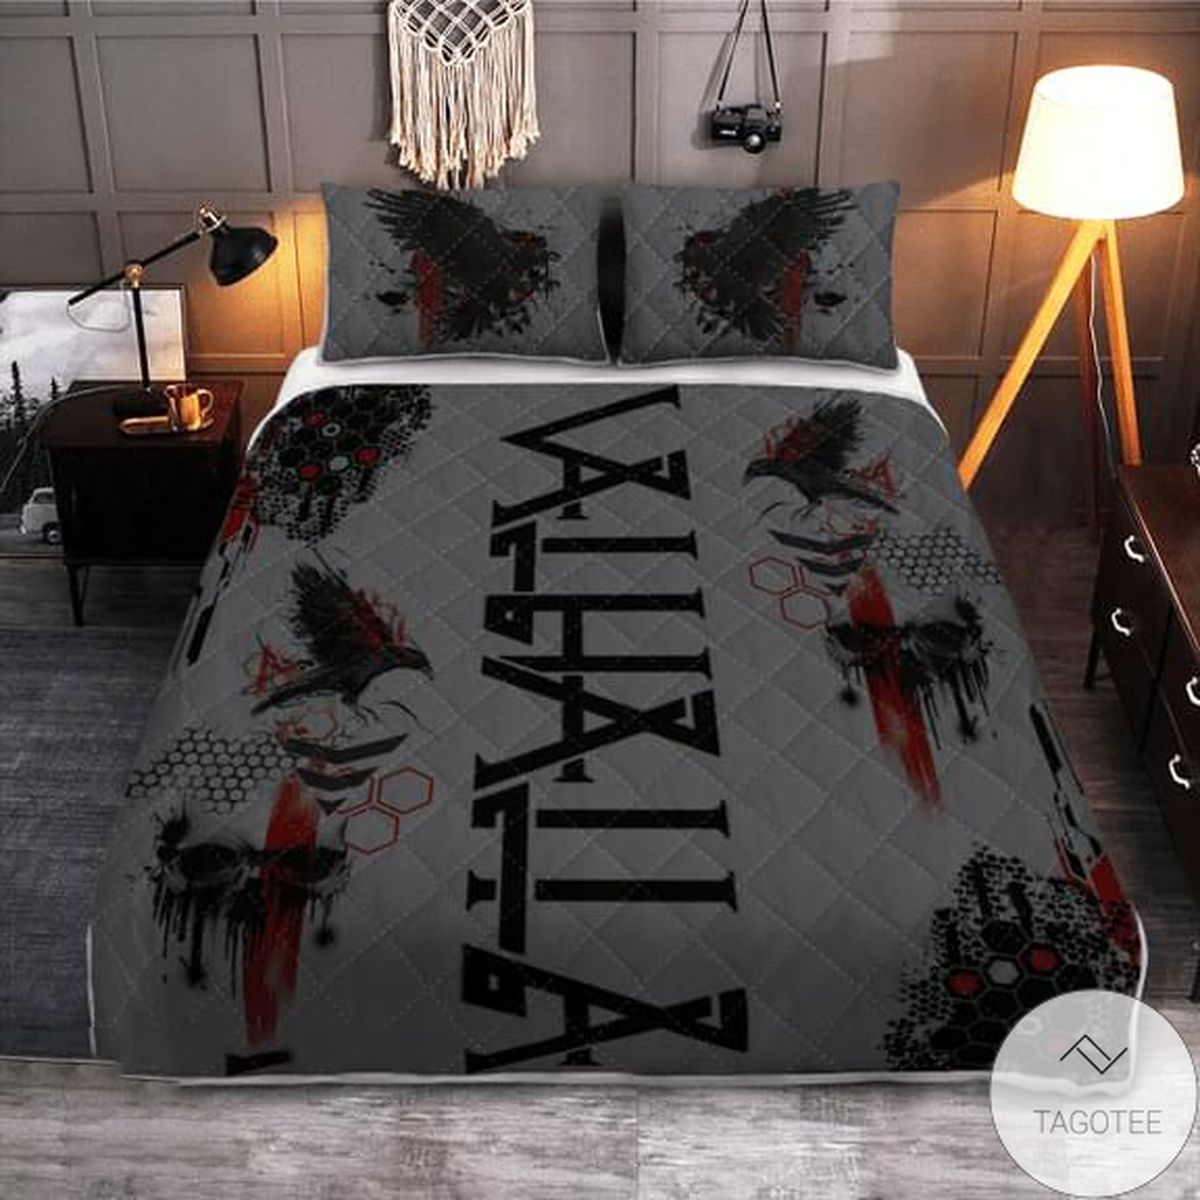 Valhalla Quilt Bedding Set